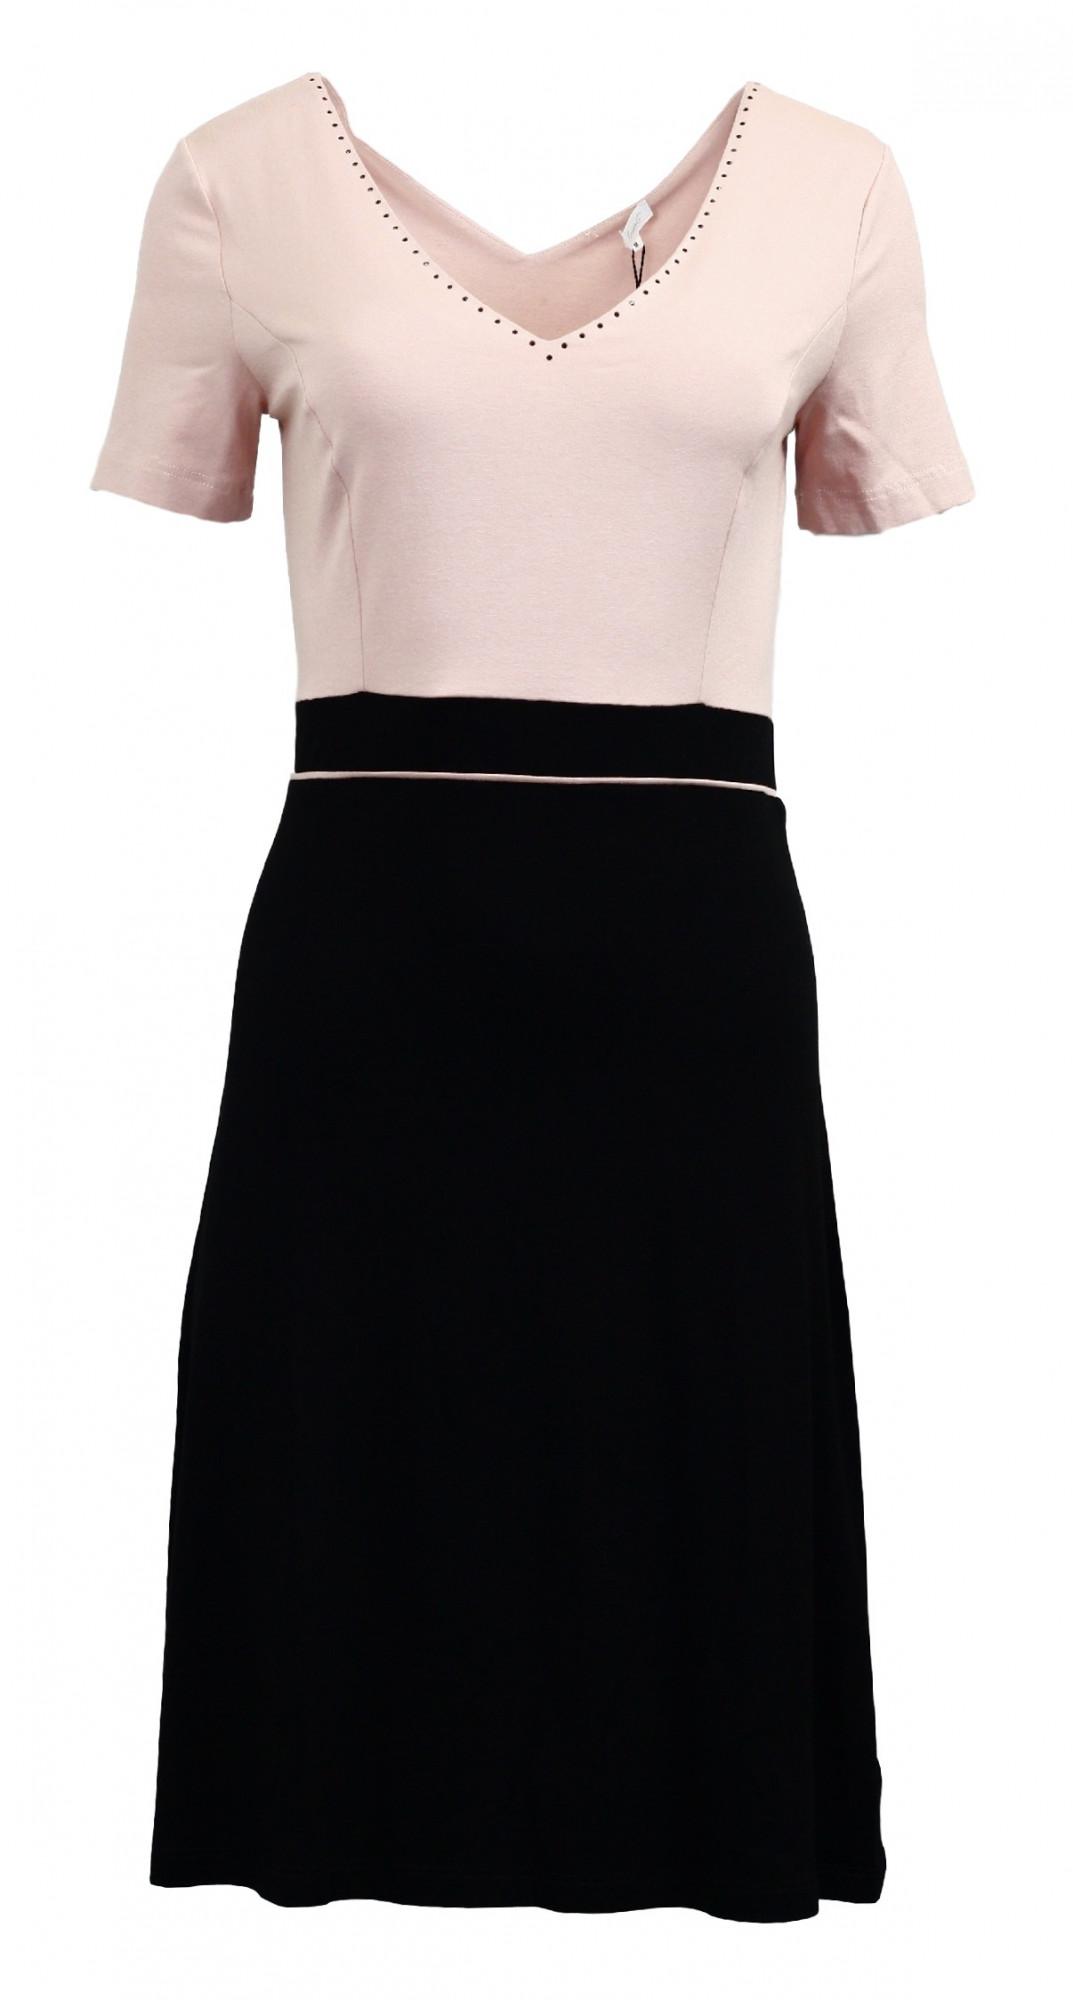 Šaty Chesa kr. - Favab Barva: černo-růžová, Velikost: L